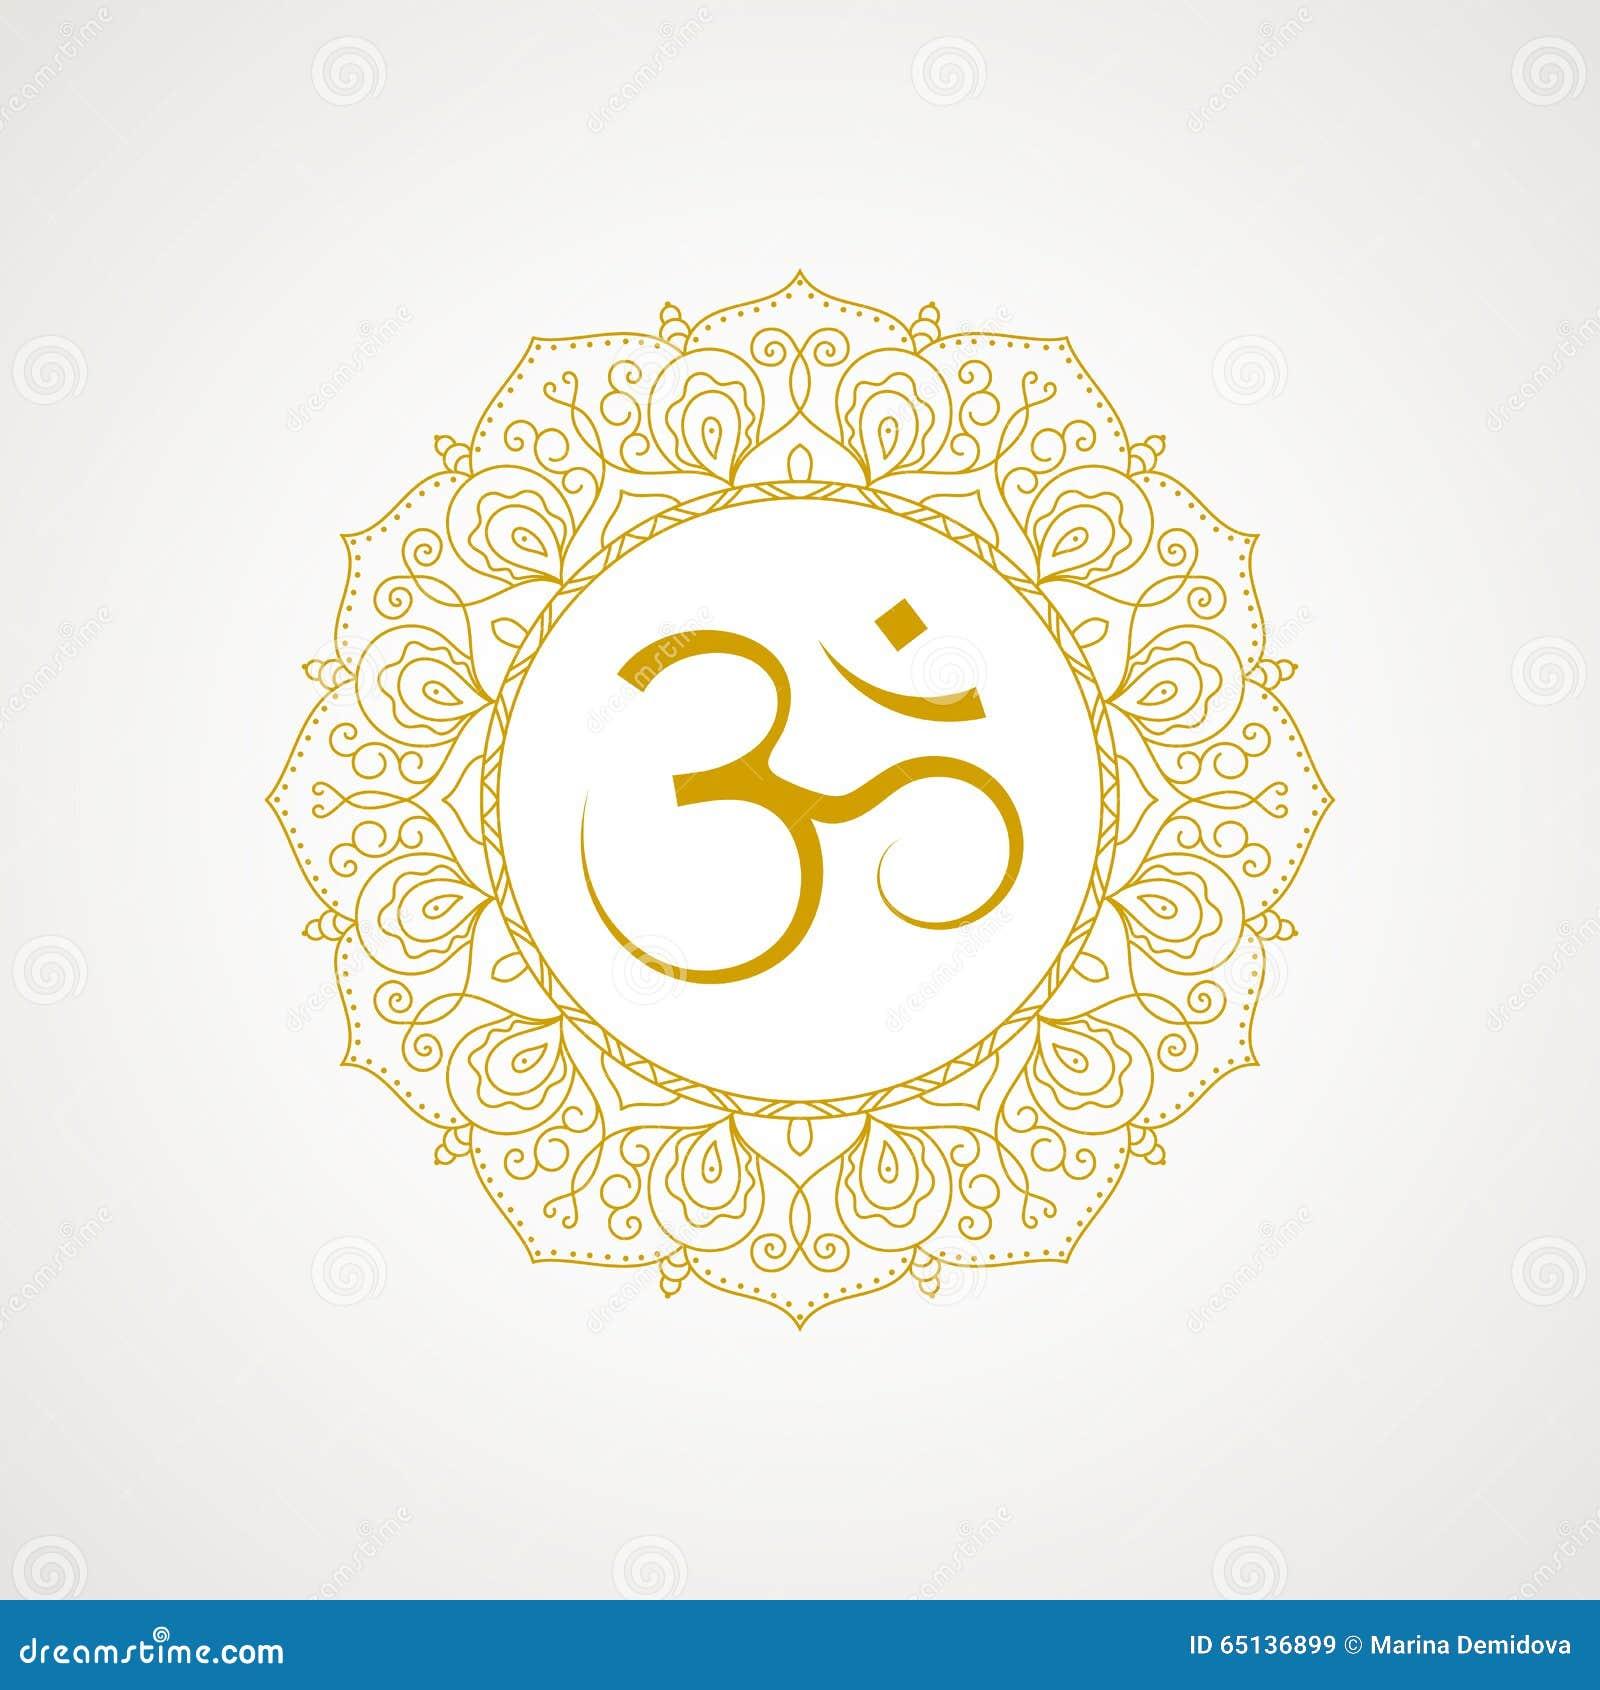 Golden Om Symbol In Vector Stock Vector Illustration Of Religion